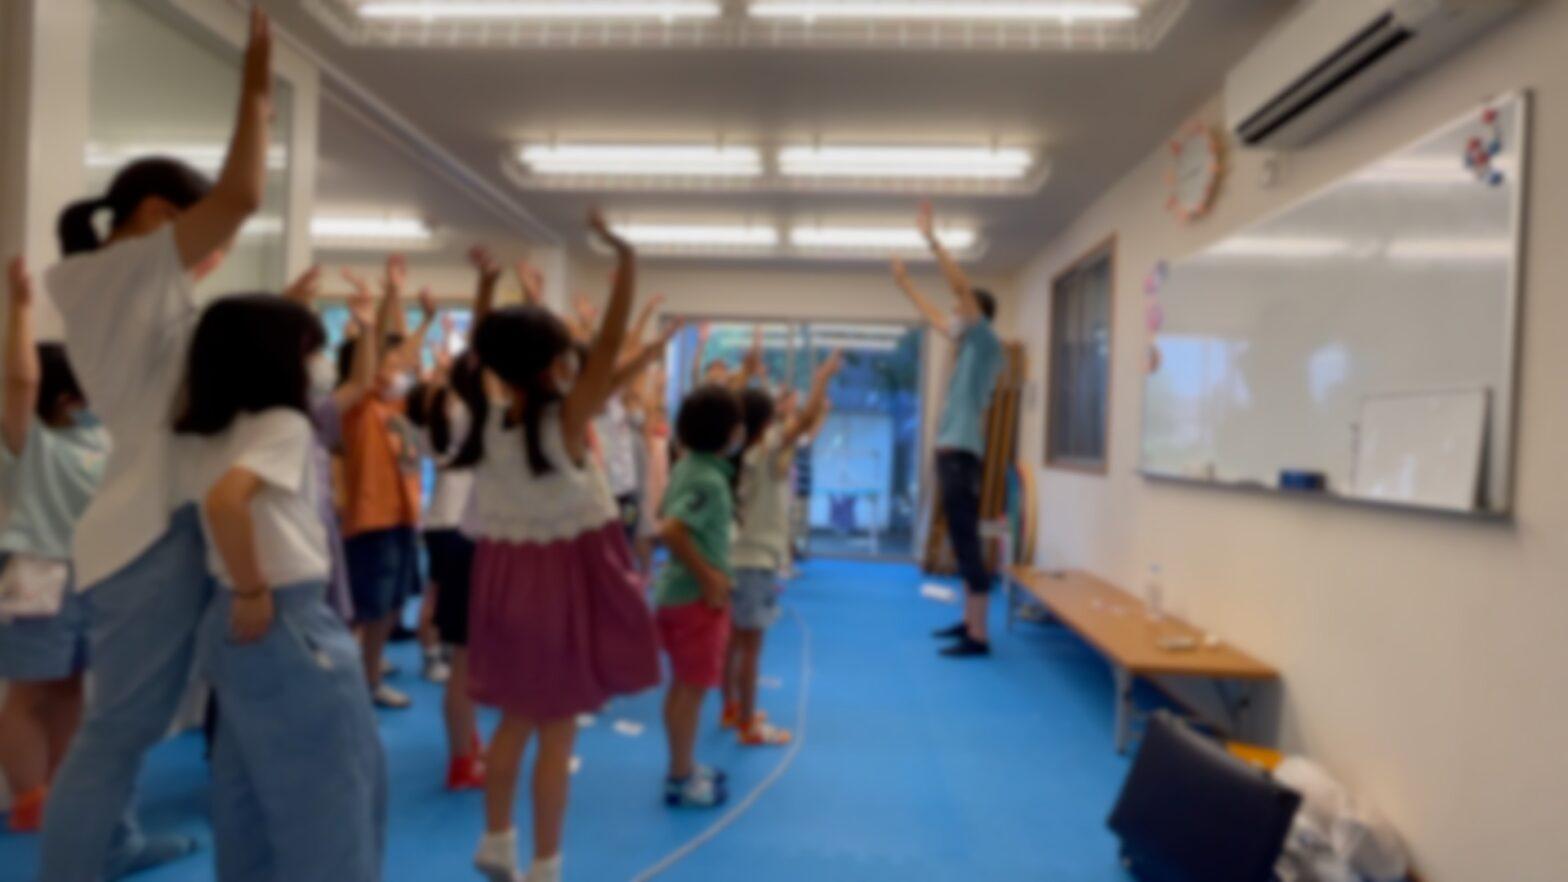 腕が解けない 学童保育の夏休みイベントで出張マジシャンのマジックショー 東京都大田区